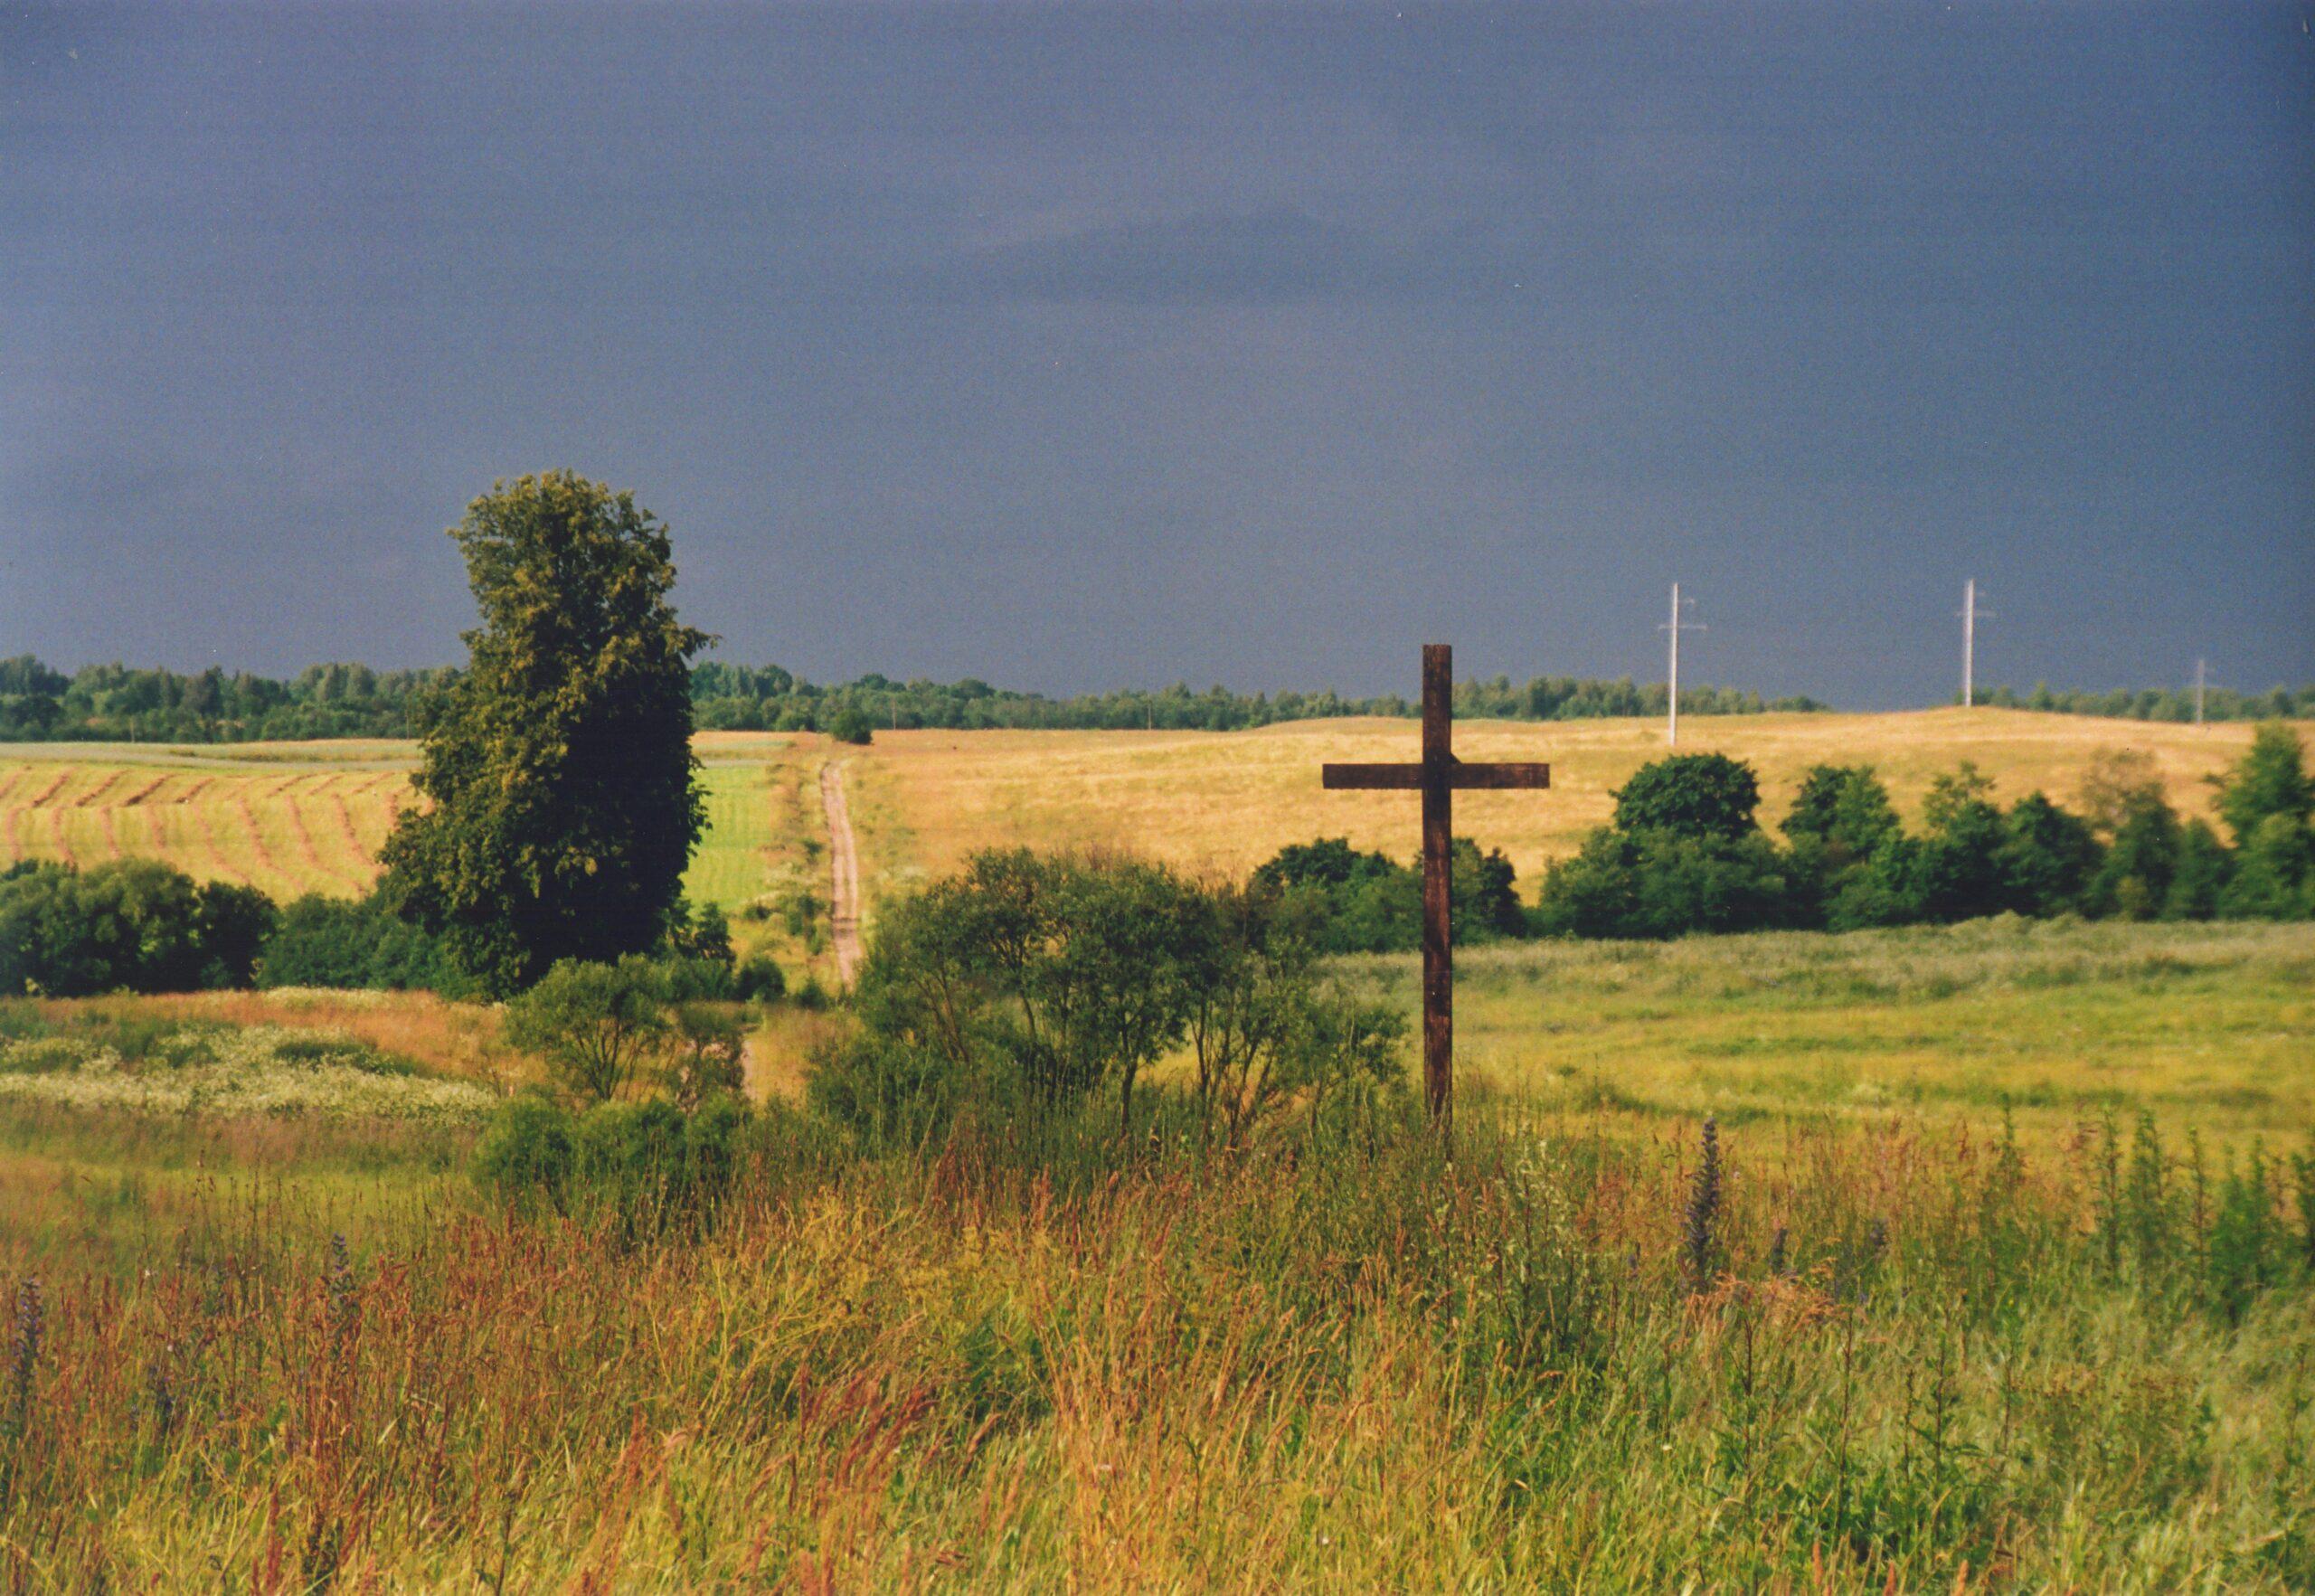 Gamtos peizaže matyti kryžius.